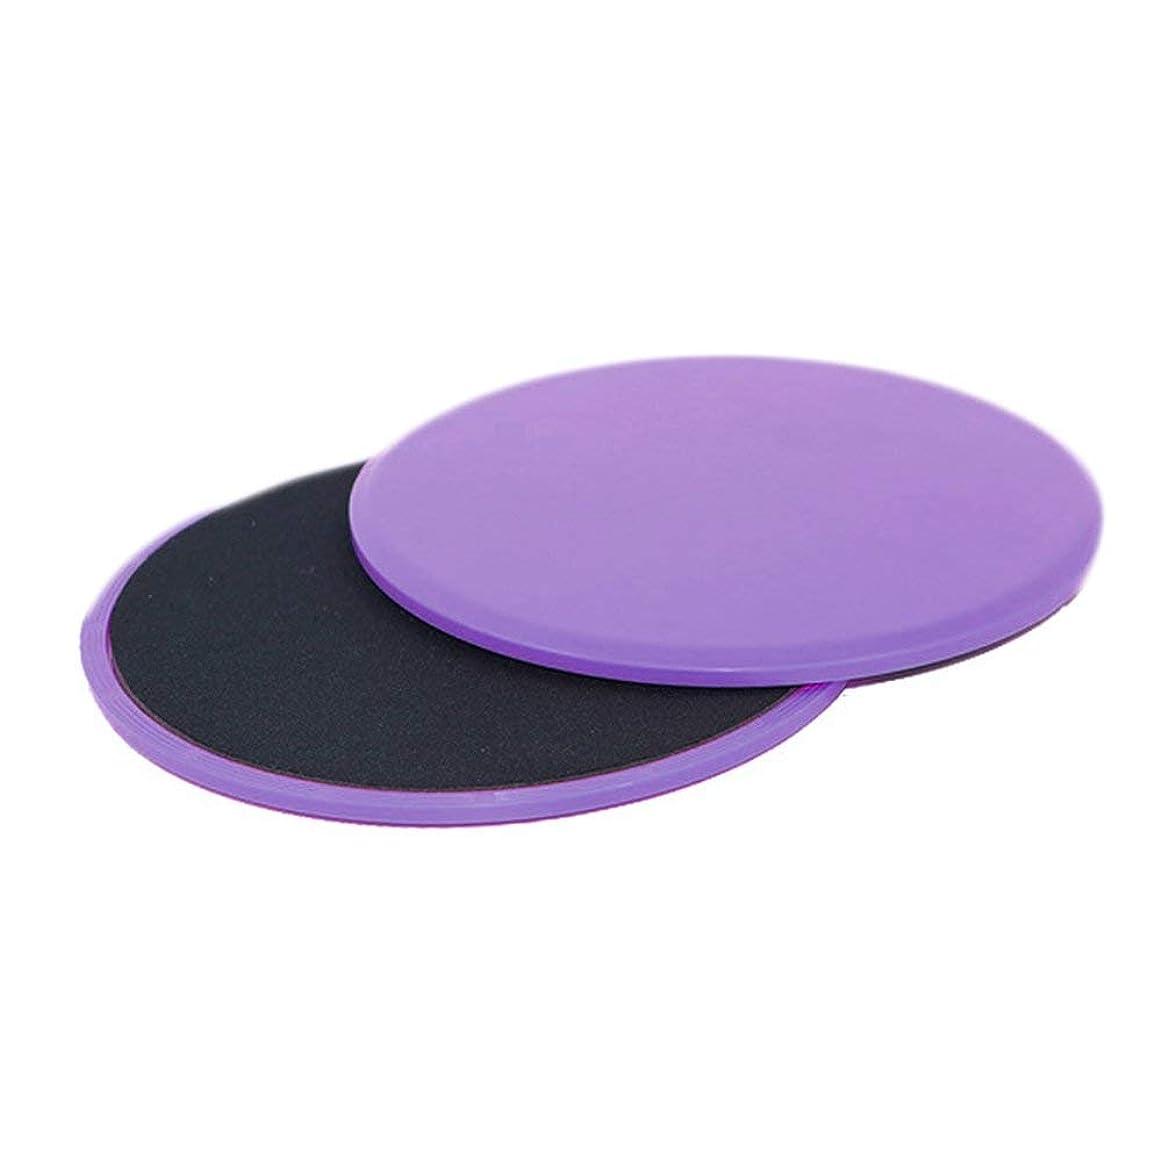 香り起こる反抗フィットネススライドグライディングディスク調整能力フィットネスエクササイズスライダーコアトレーニング腹部と全身トレーニング - パープル